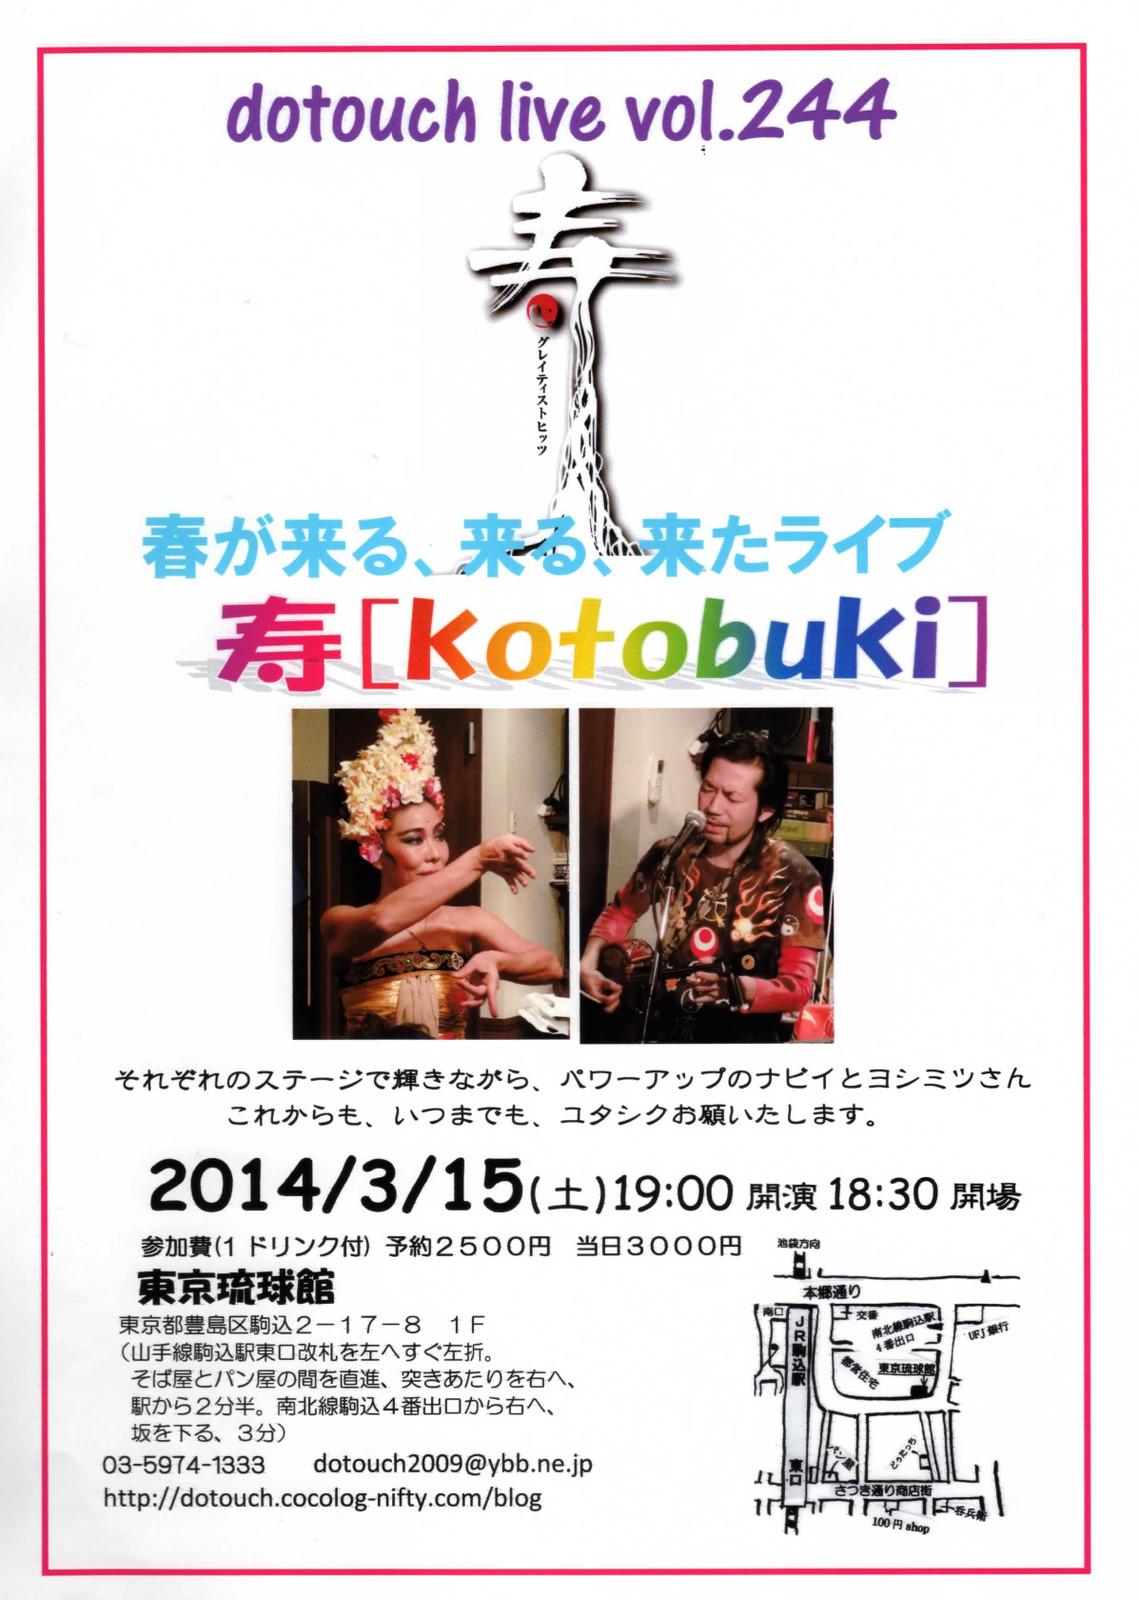 Kotobuki2014315_2